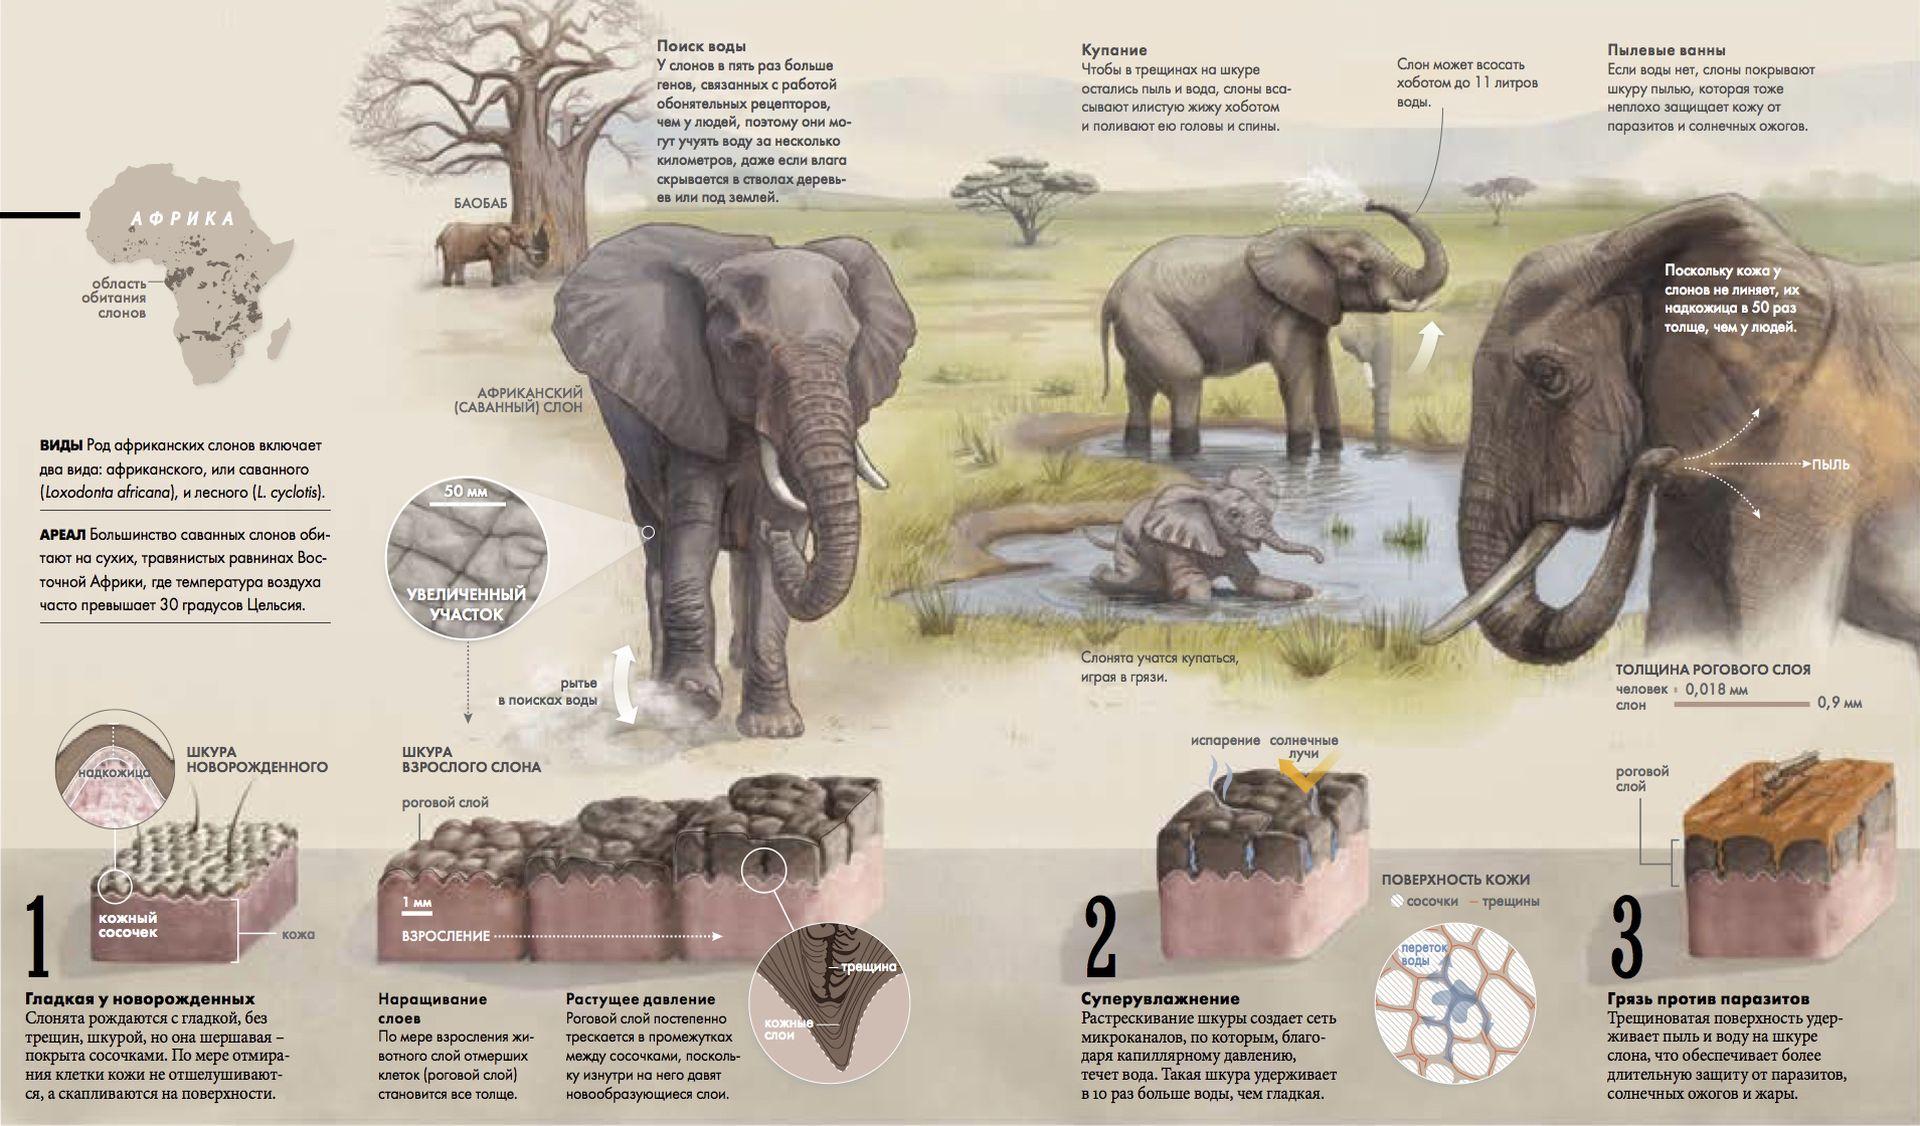 Секреты слоновьей кожи